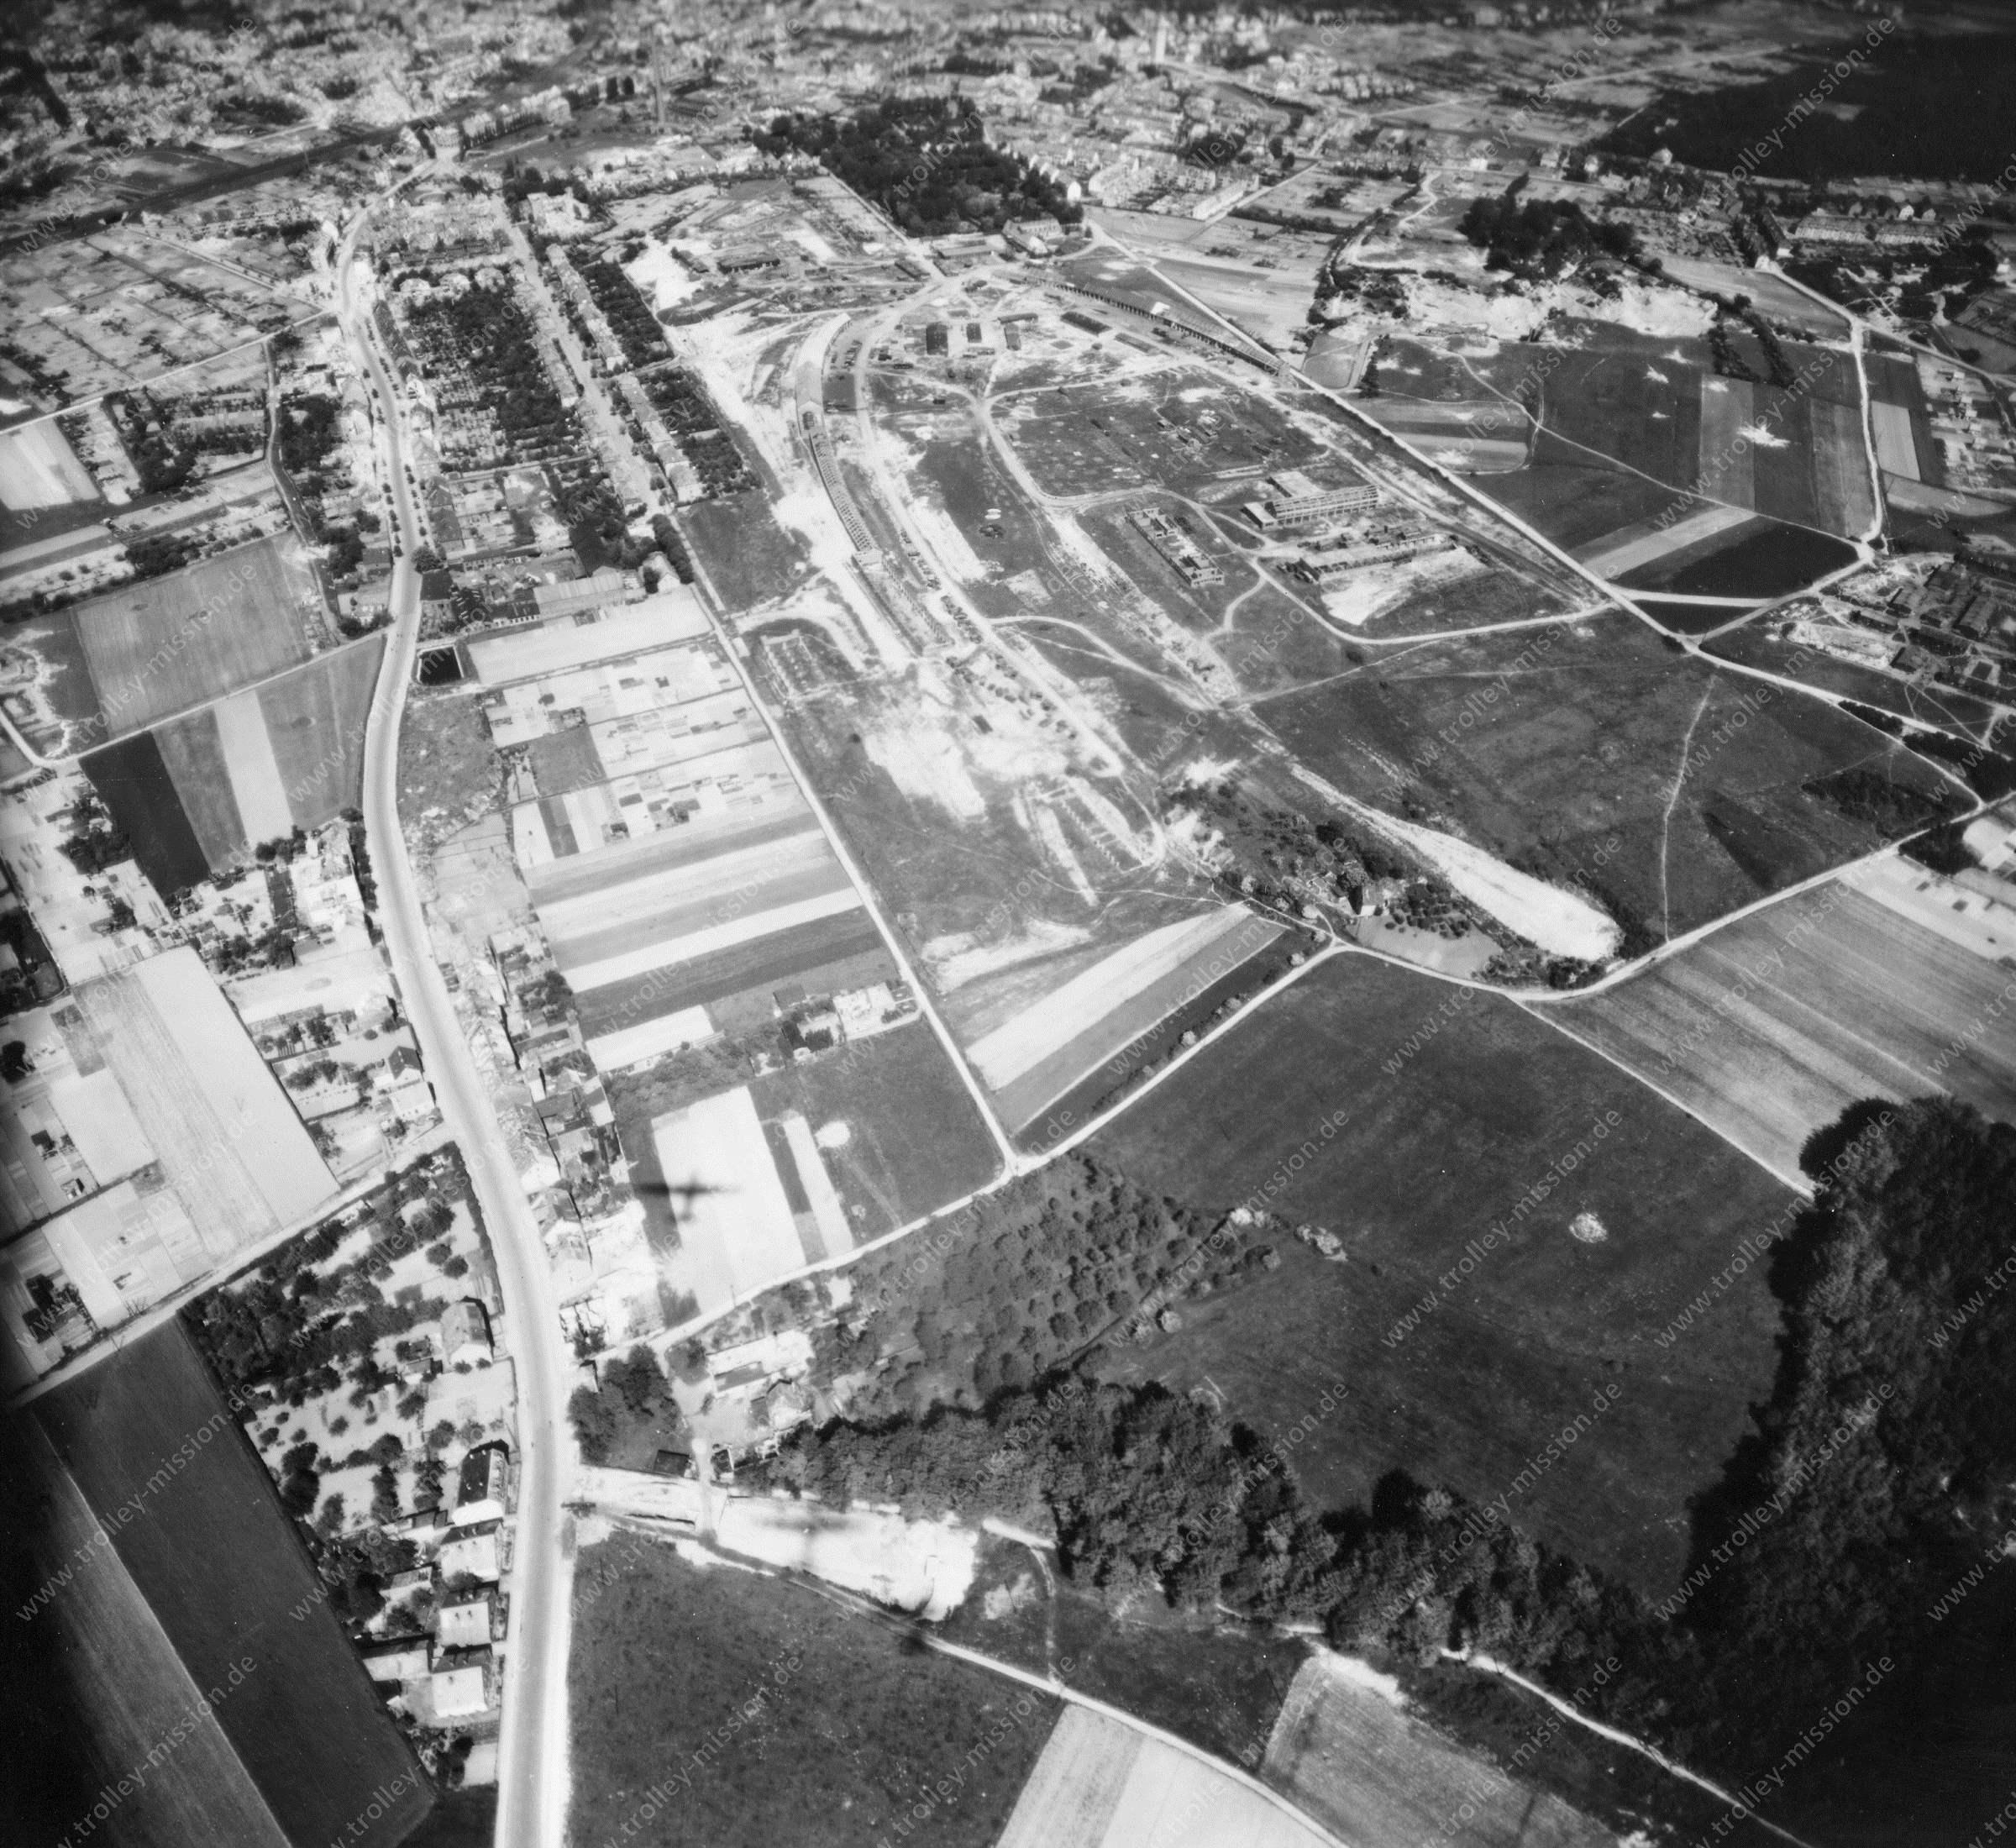 Luftbild von Osnabrück am 12. Mai 1945 - Luftbildserie 1/9 der US Air Force